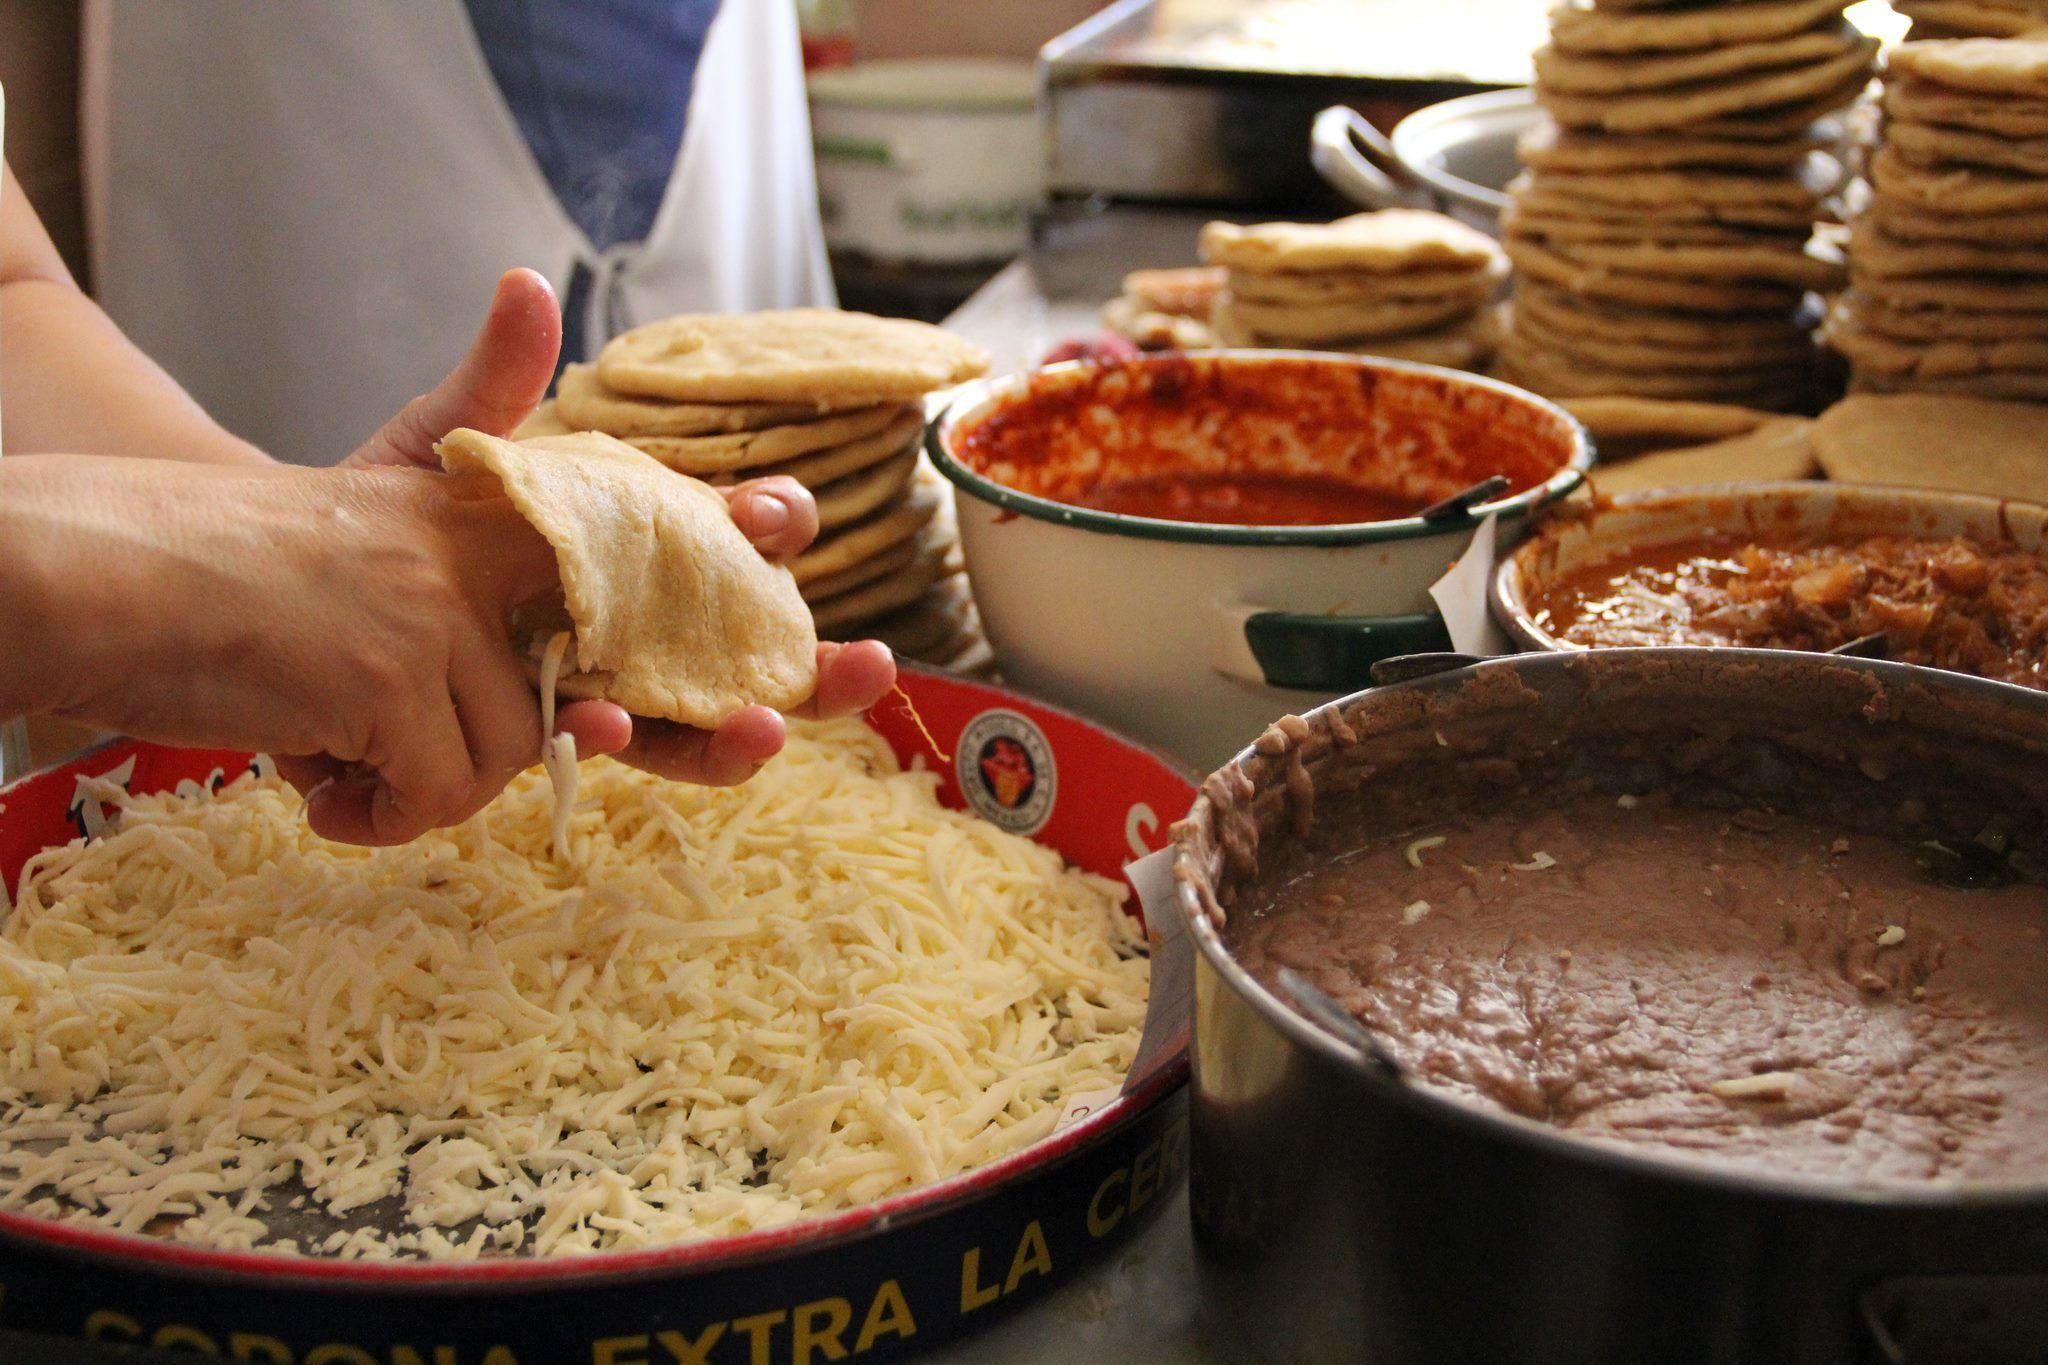 Gorditas aguascalientes mexico gastronomia diversi n y compras pinterest - Cuisine mexicaine traditionnelle ...